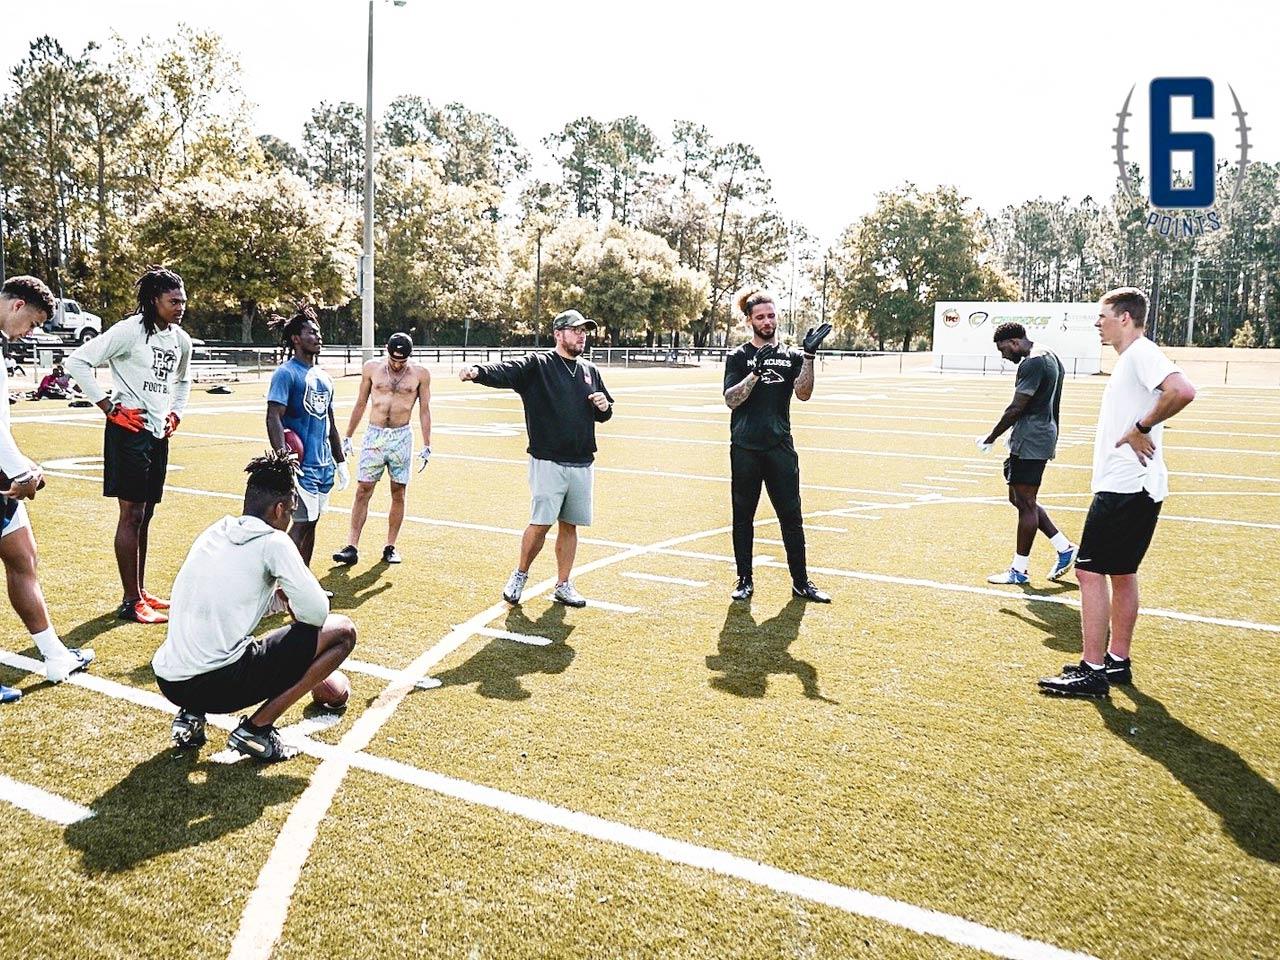 Quarterbacks and coaches